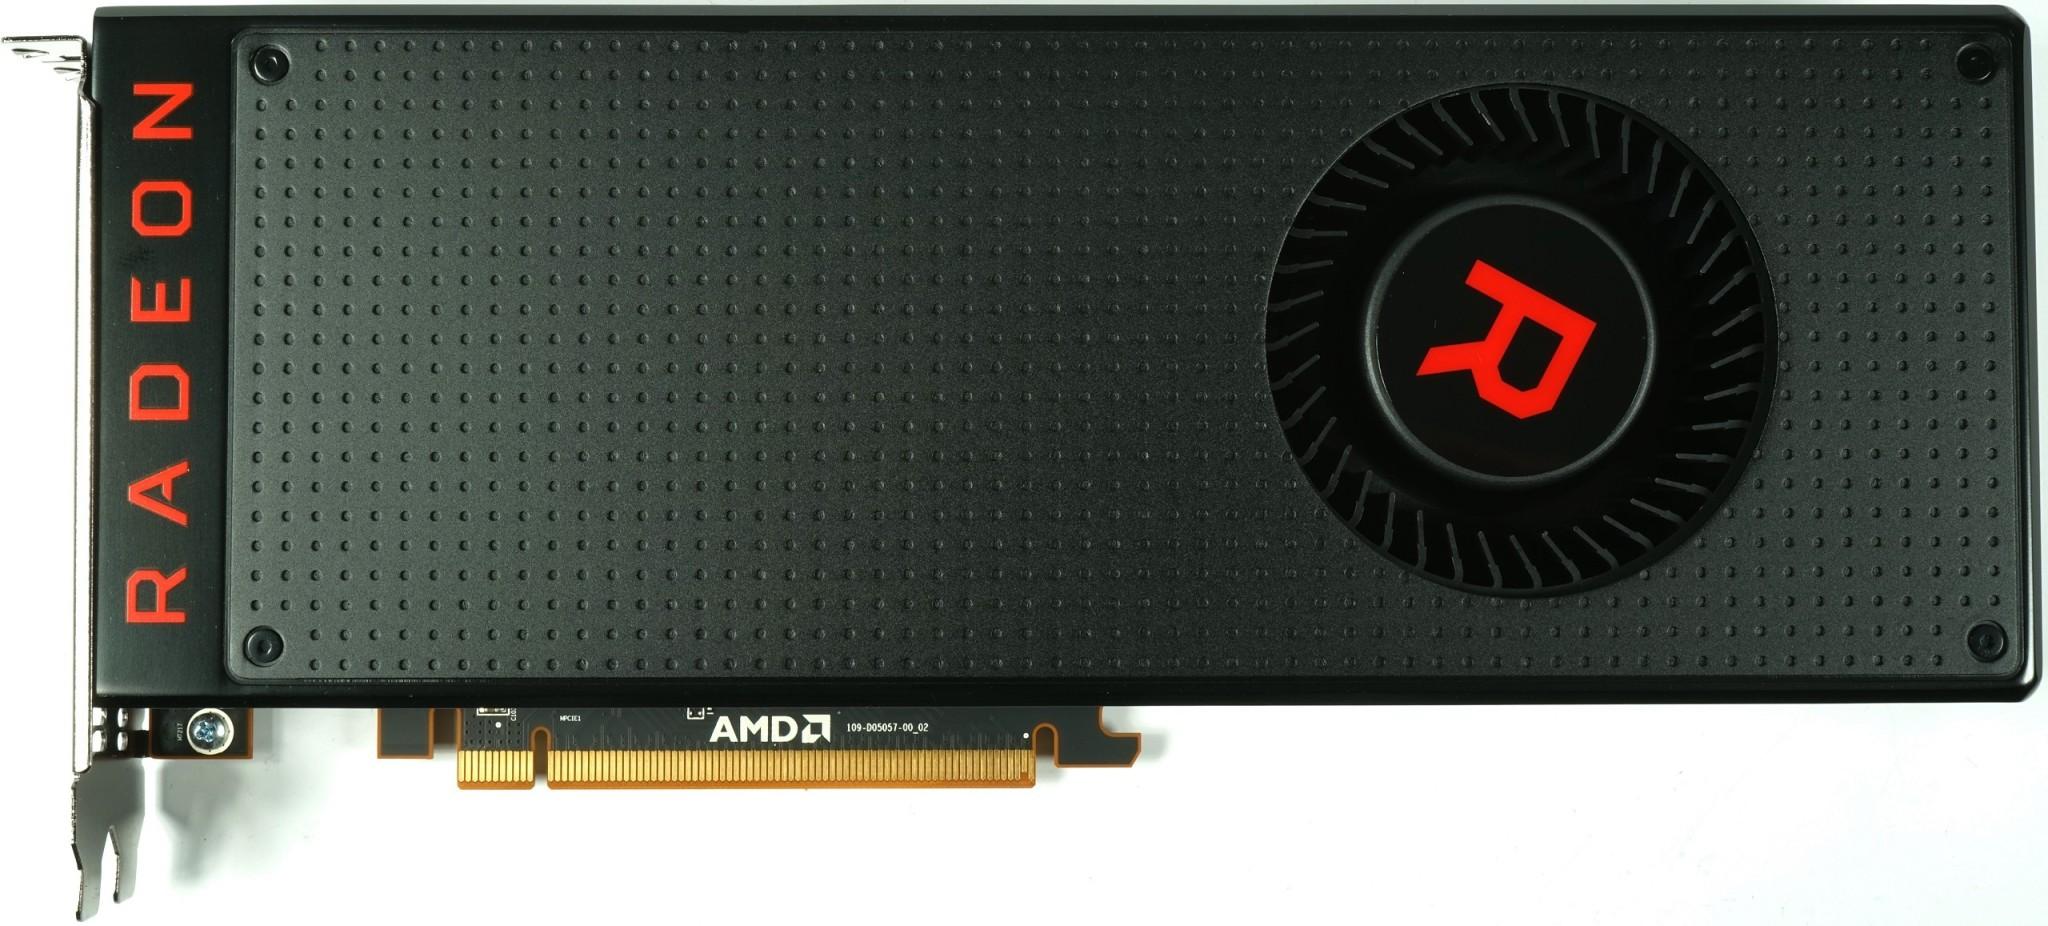 Radeon RX Vega 56 8GB